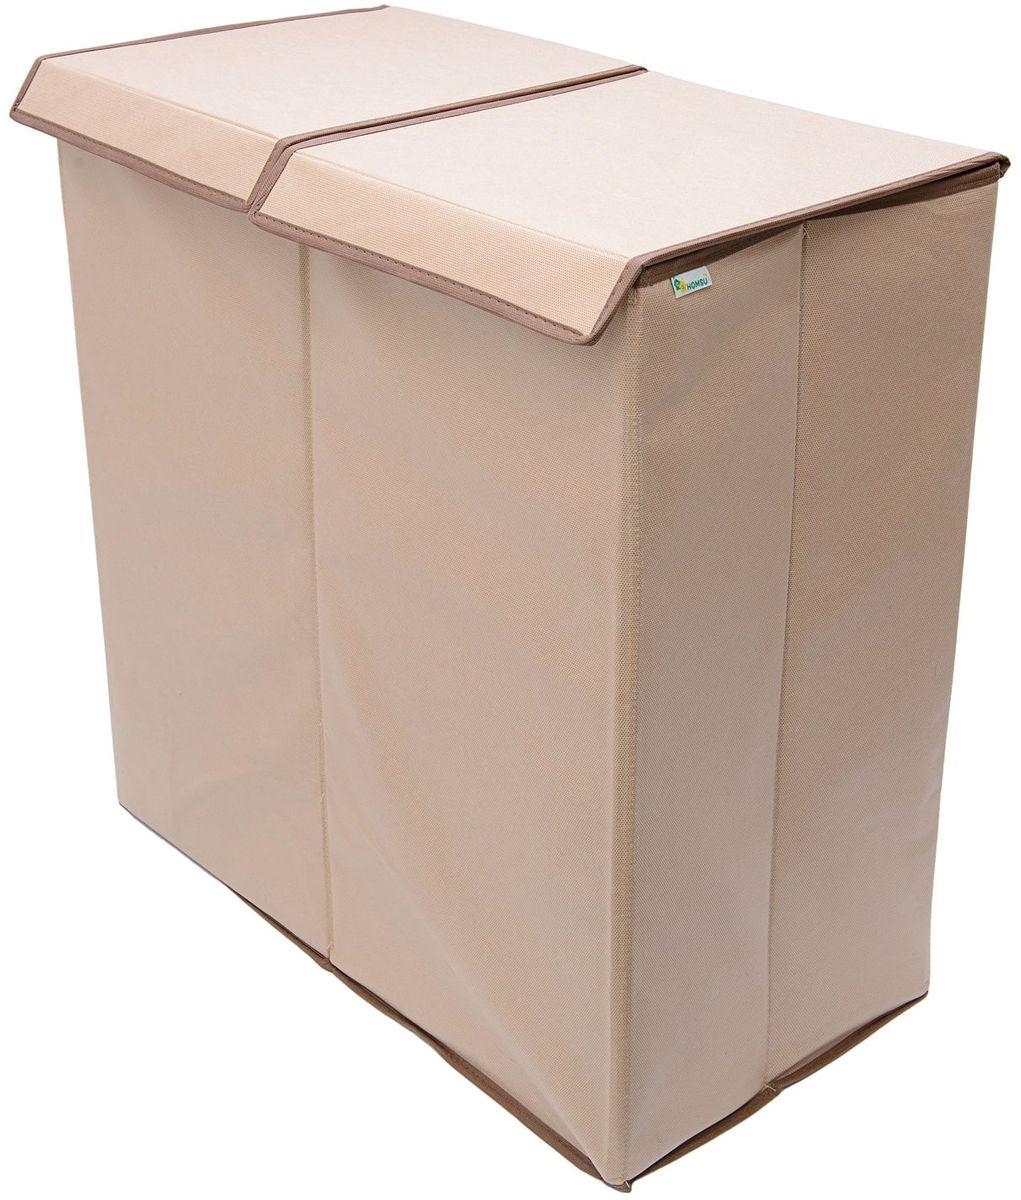 Корзина для белья Homsu, 2 секции, 75 x 25 x 60 смHOM-811Двухсекционная корзина для белья позволяет сортировать белье на светлое и темное перед стиркой. Выполнена в универсальном дизайне, благодаря чему гармонично впишется в любой интерьер.